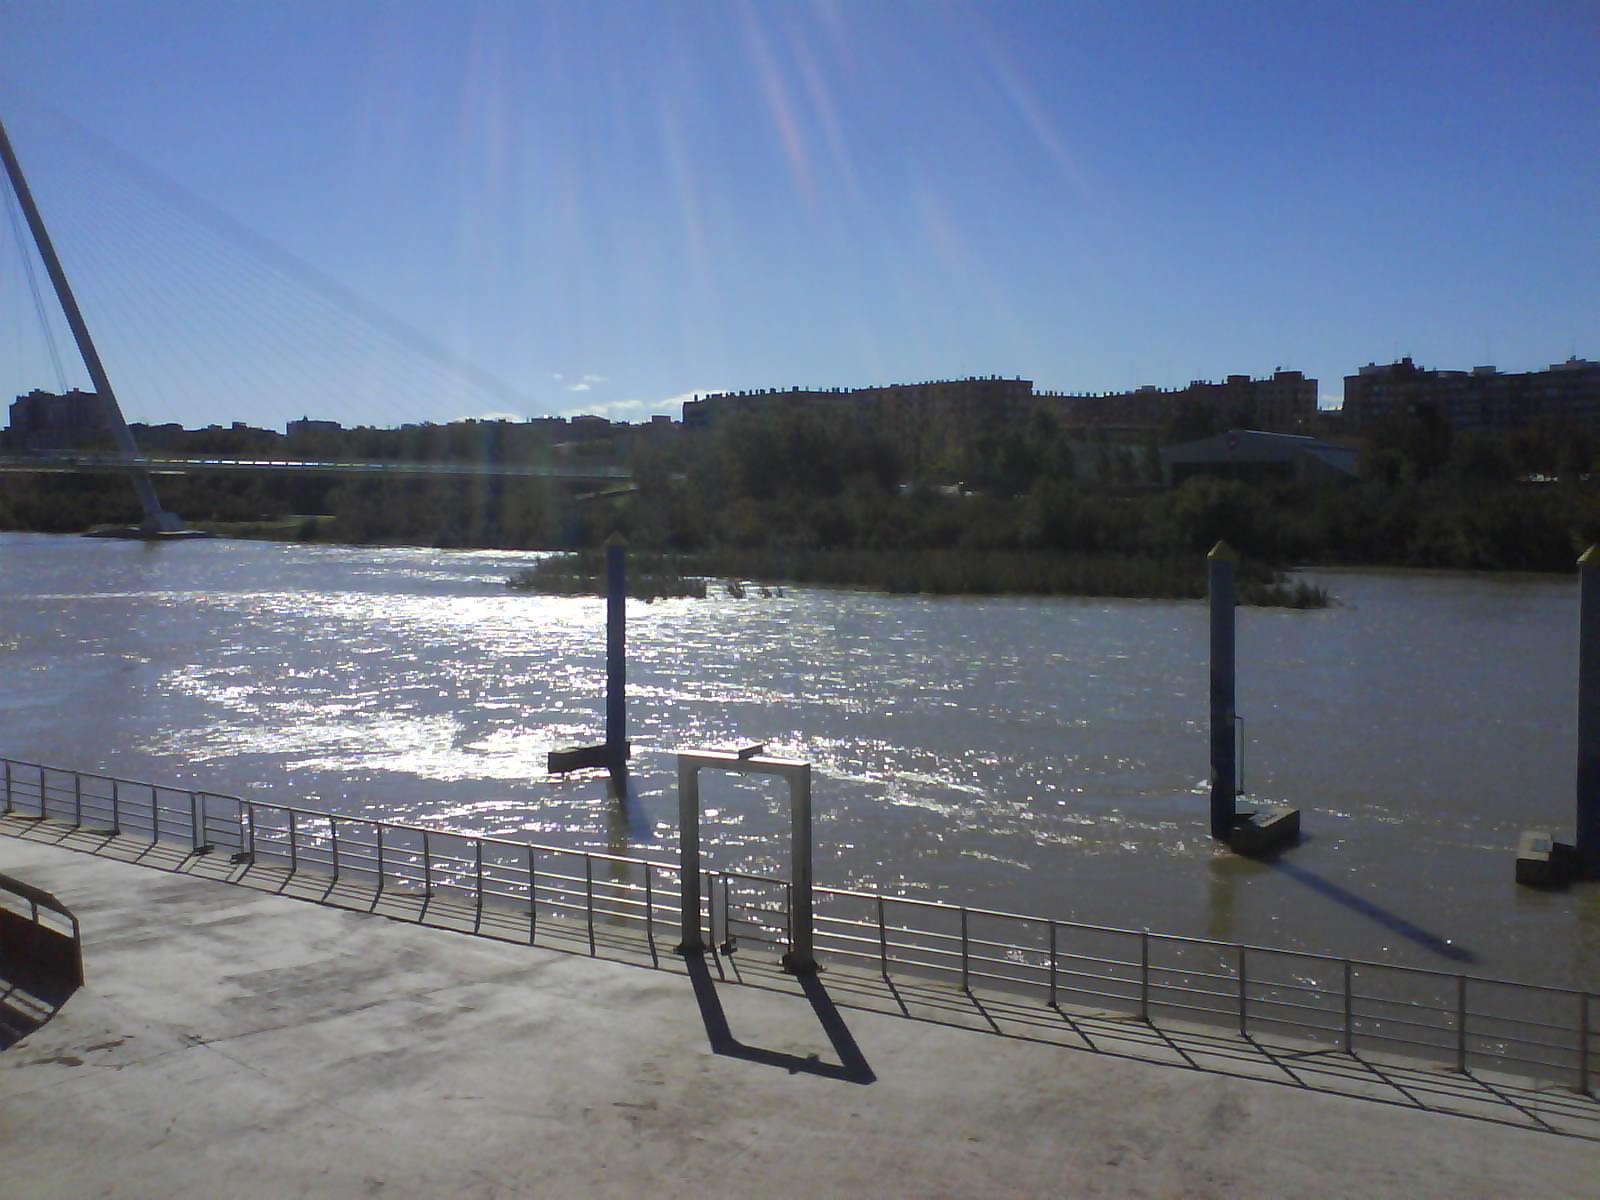 Embarcadero barquitos barco EXPO bajo el Ebro Zaragoza